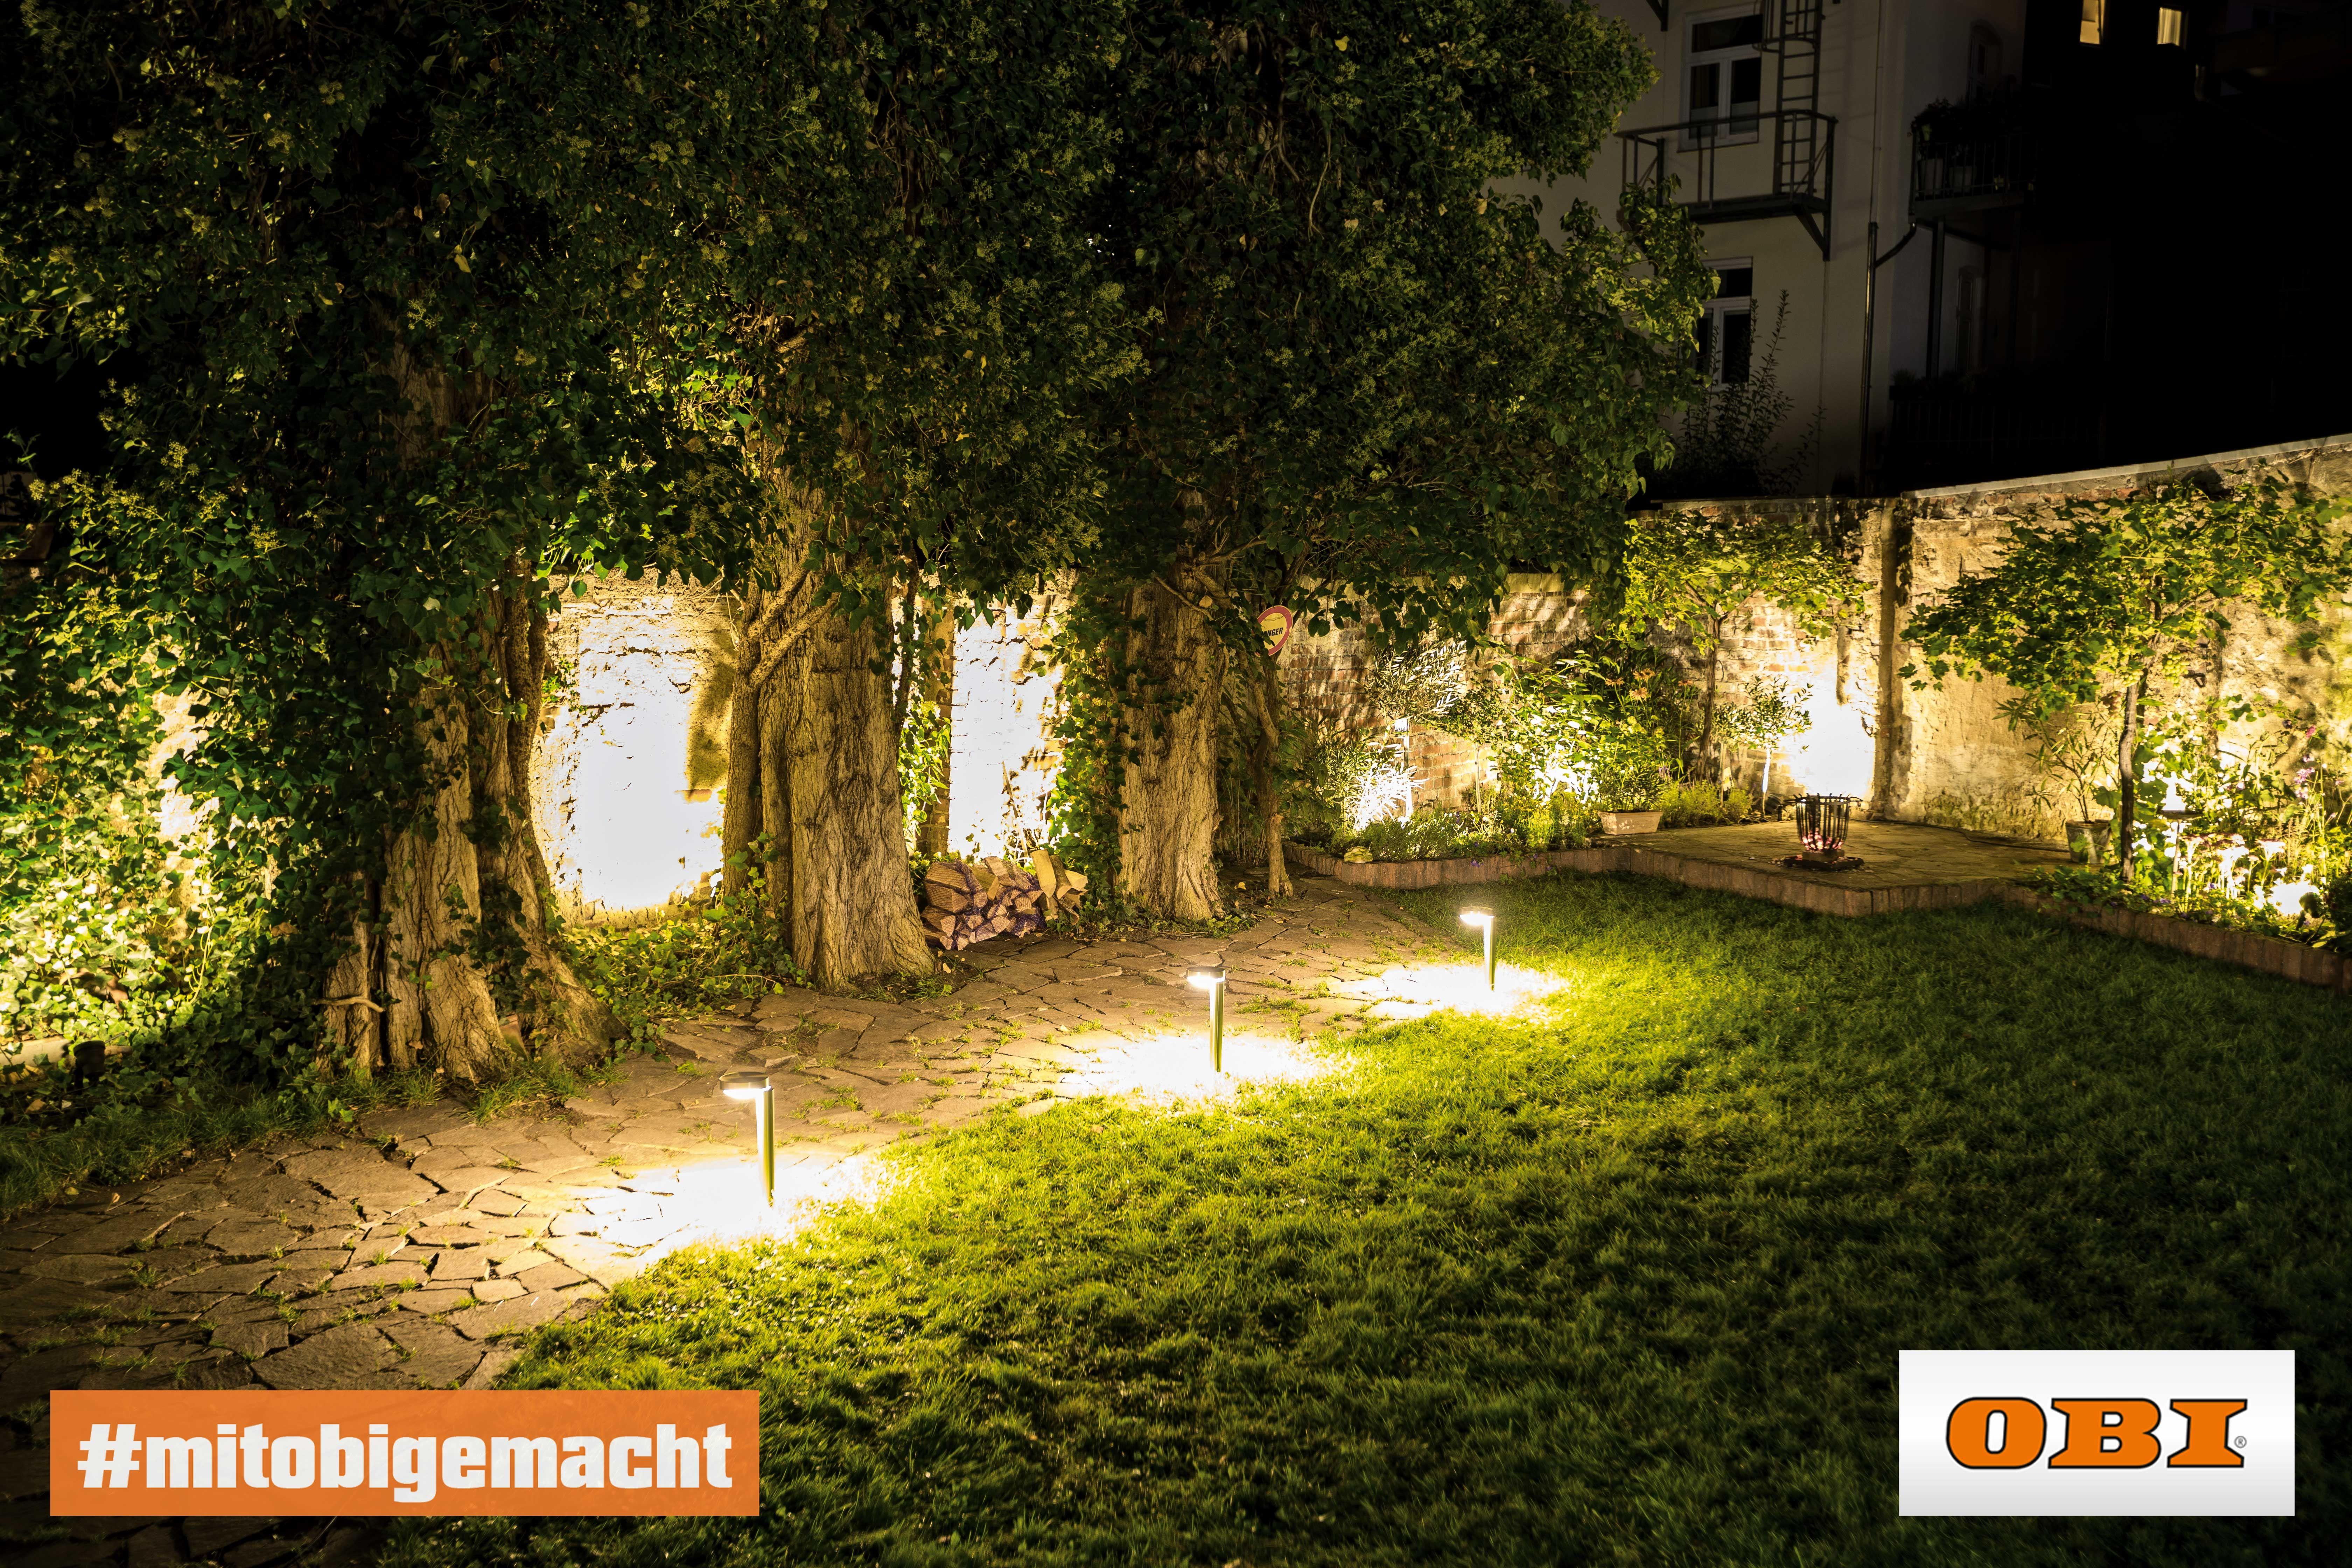 Richtige Aussenbeleuchtung Rund Ums Haus Tipps Obi Gartenbeleuchtung Aussenbeleuchtung Garten Balkon Beleuchtung